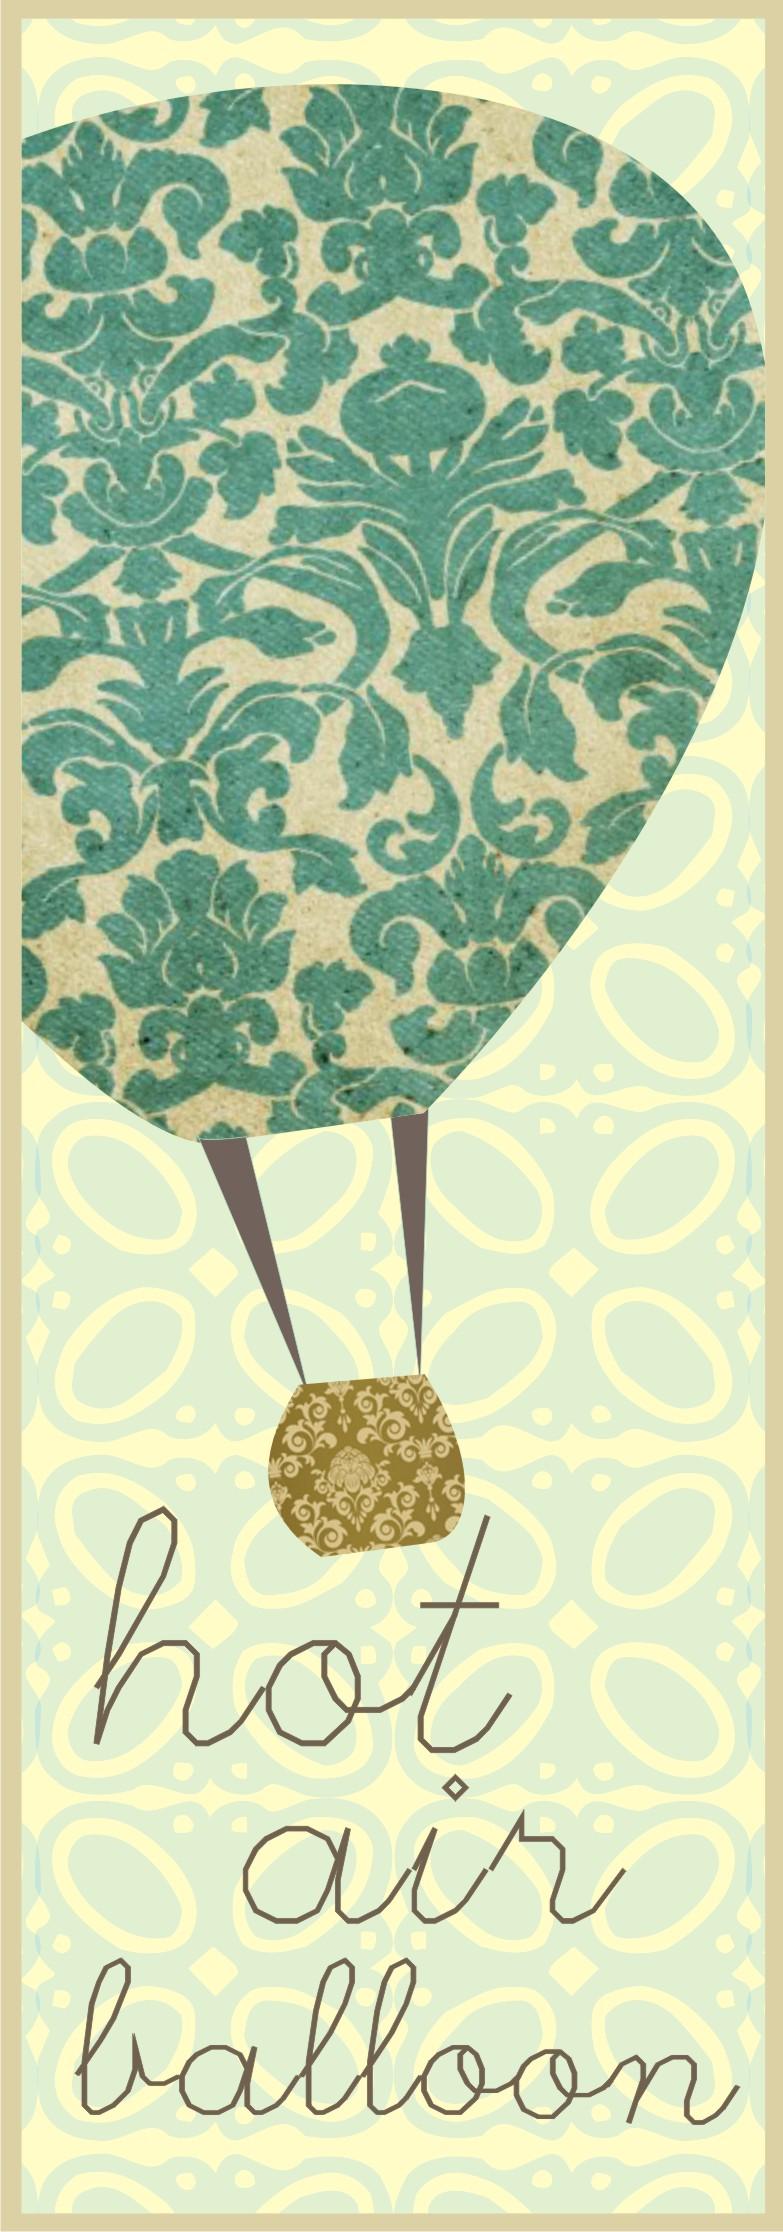 hot air balloon by minarminar